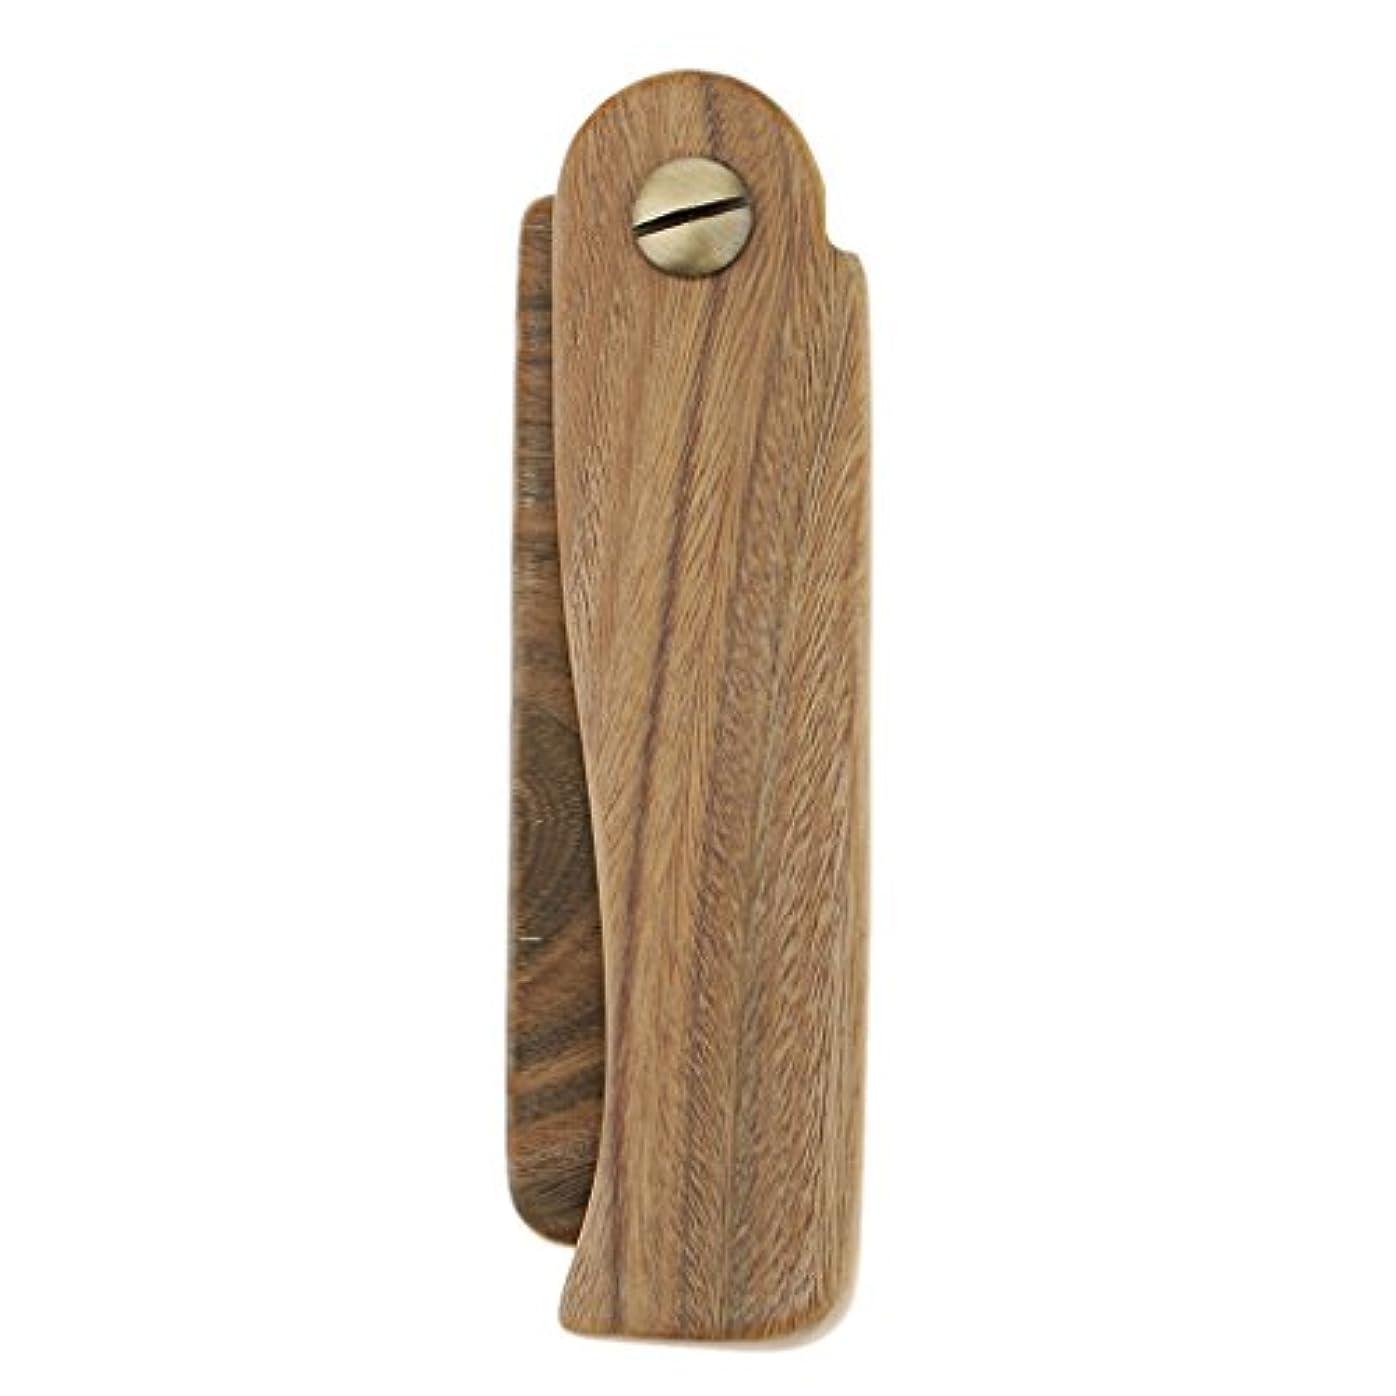 抜け目のない同情的膜ポケットの折り畳み式の木のひげの口ひげは、男性の女性のための毛の櫛をグルーミング - A